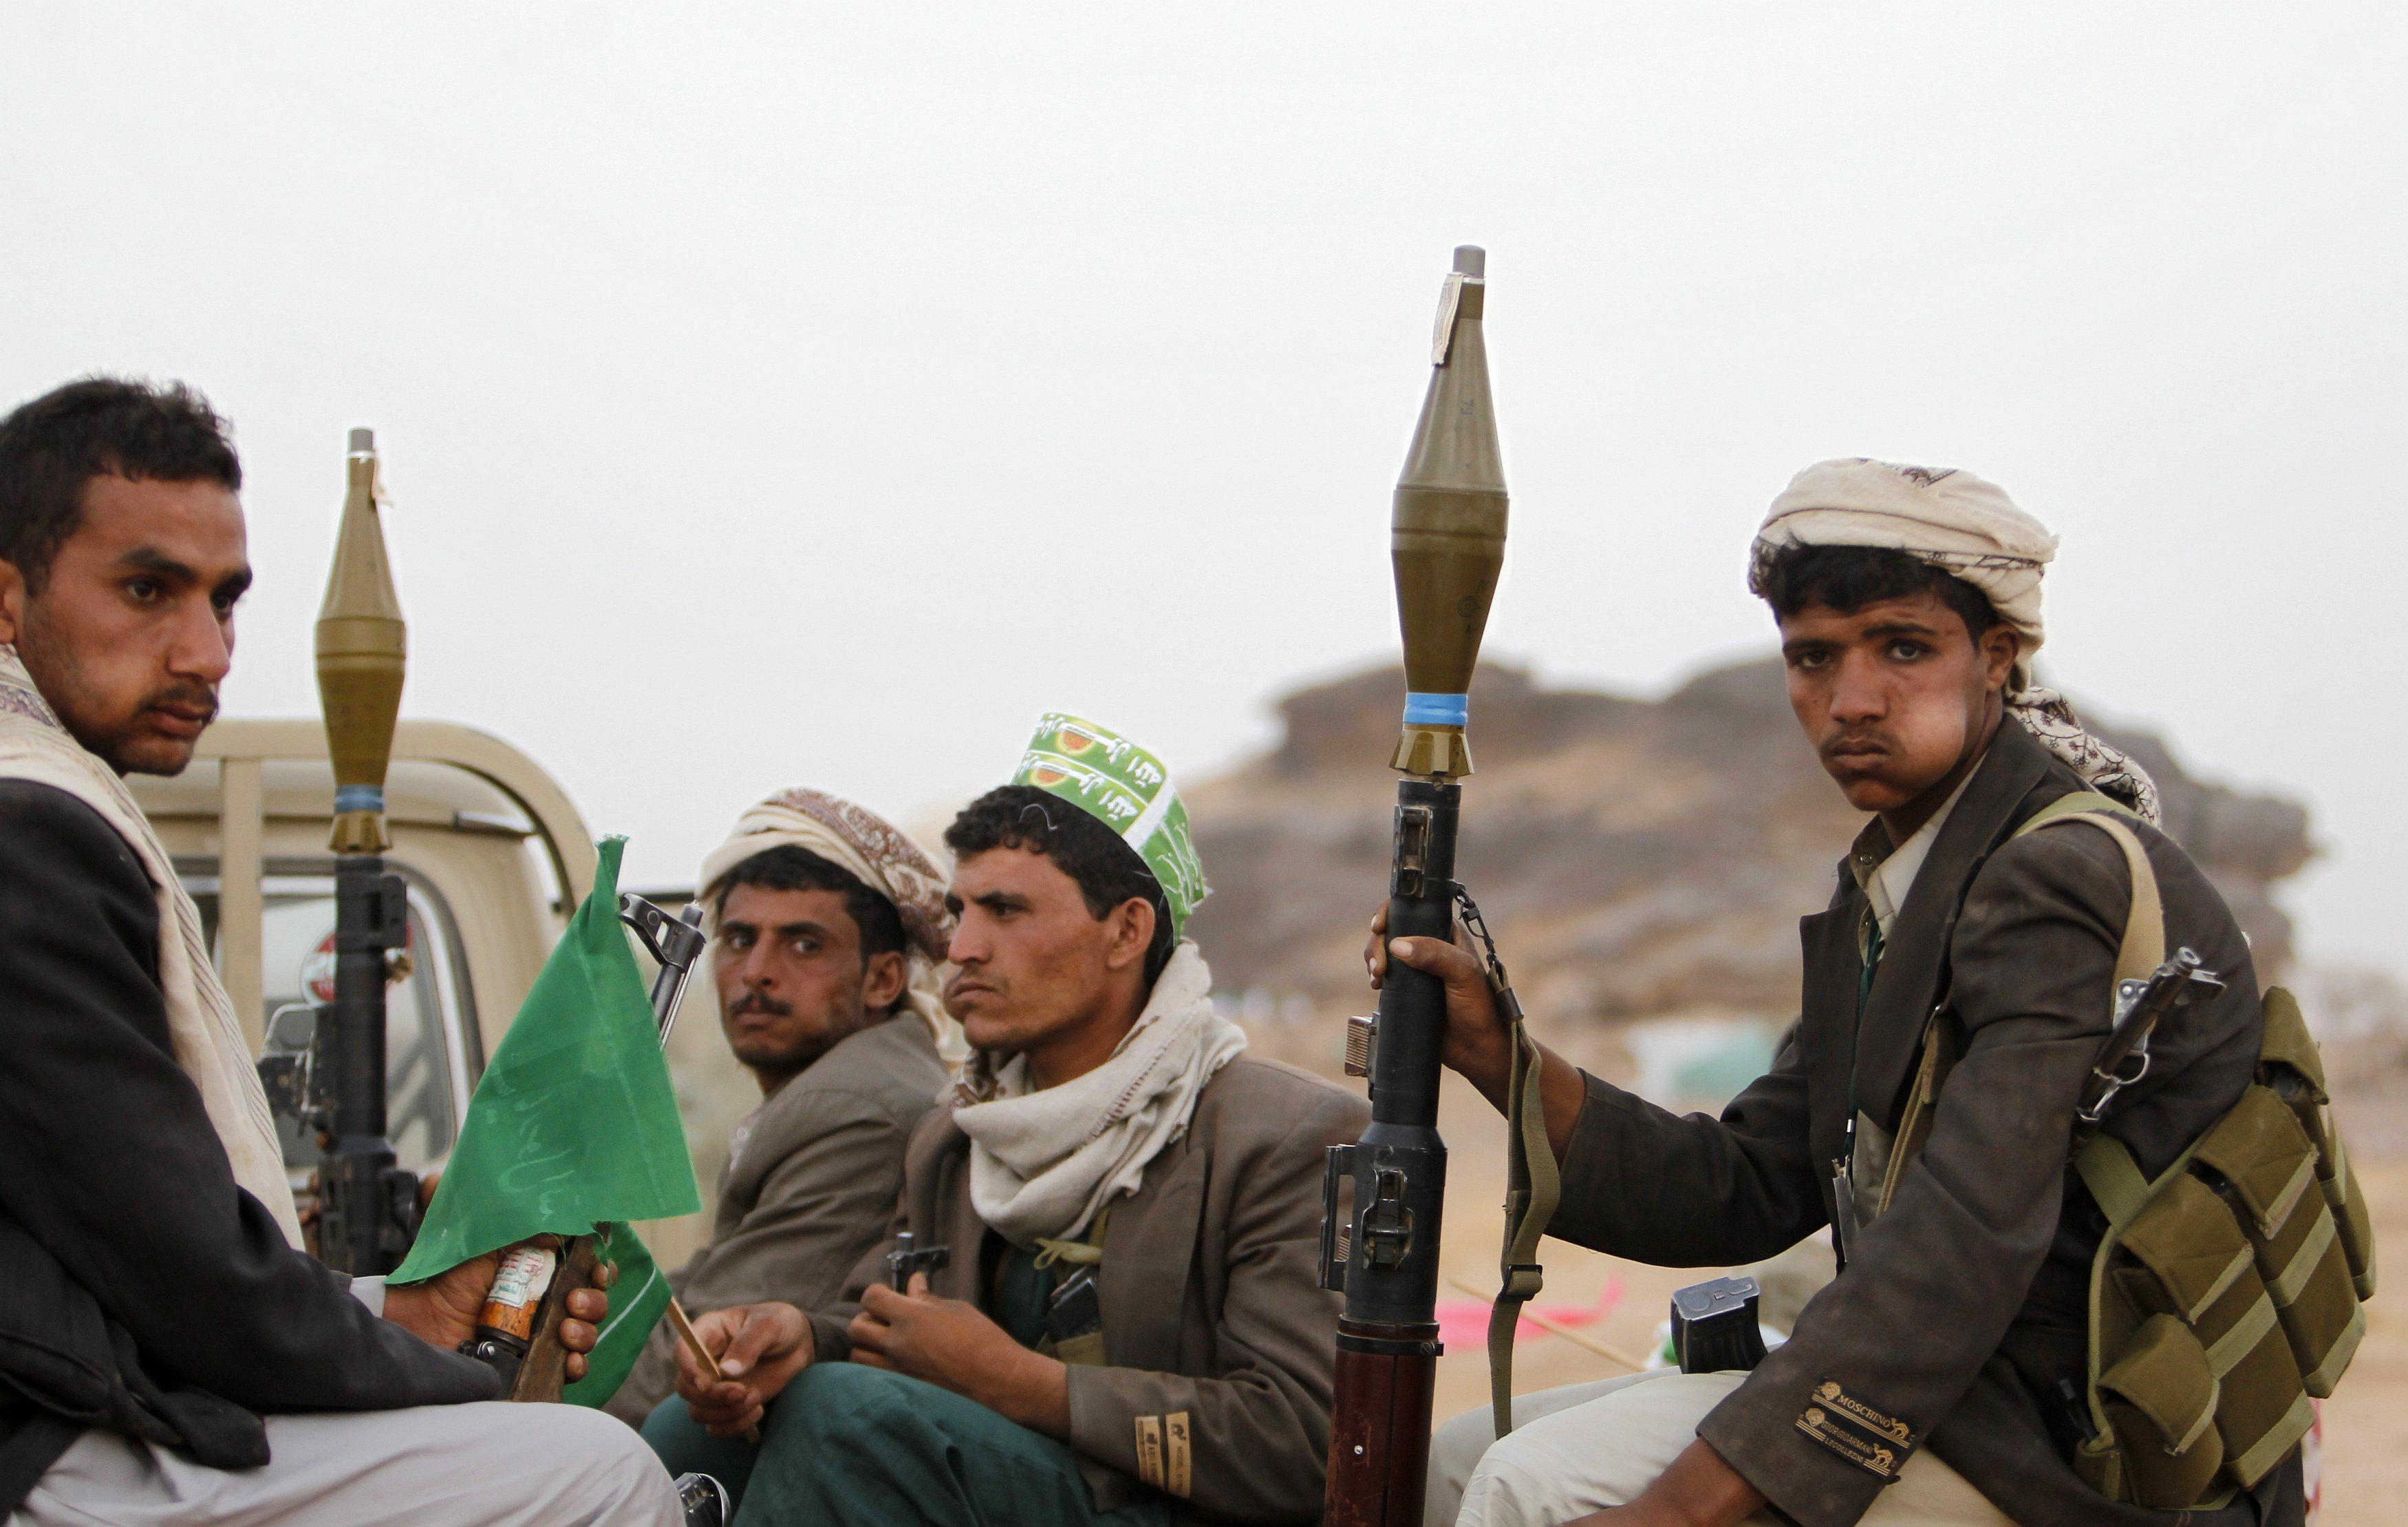 ربودن 12 کارمند دفتر کمک رسانی نروژ توسط کودتاچیان حوثی